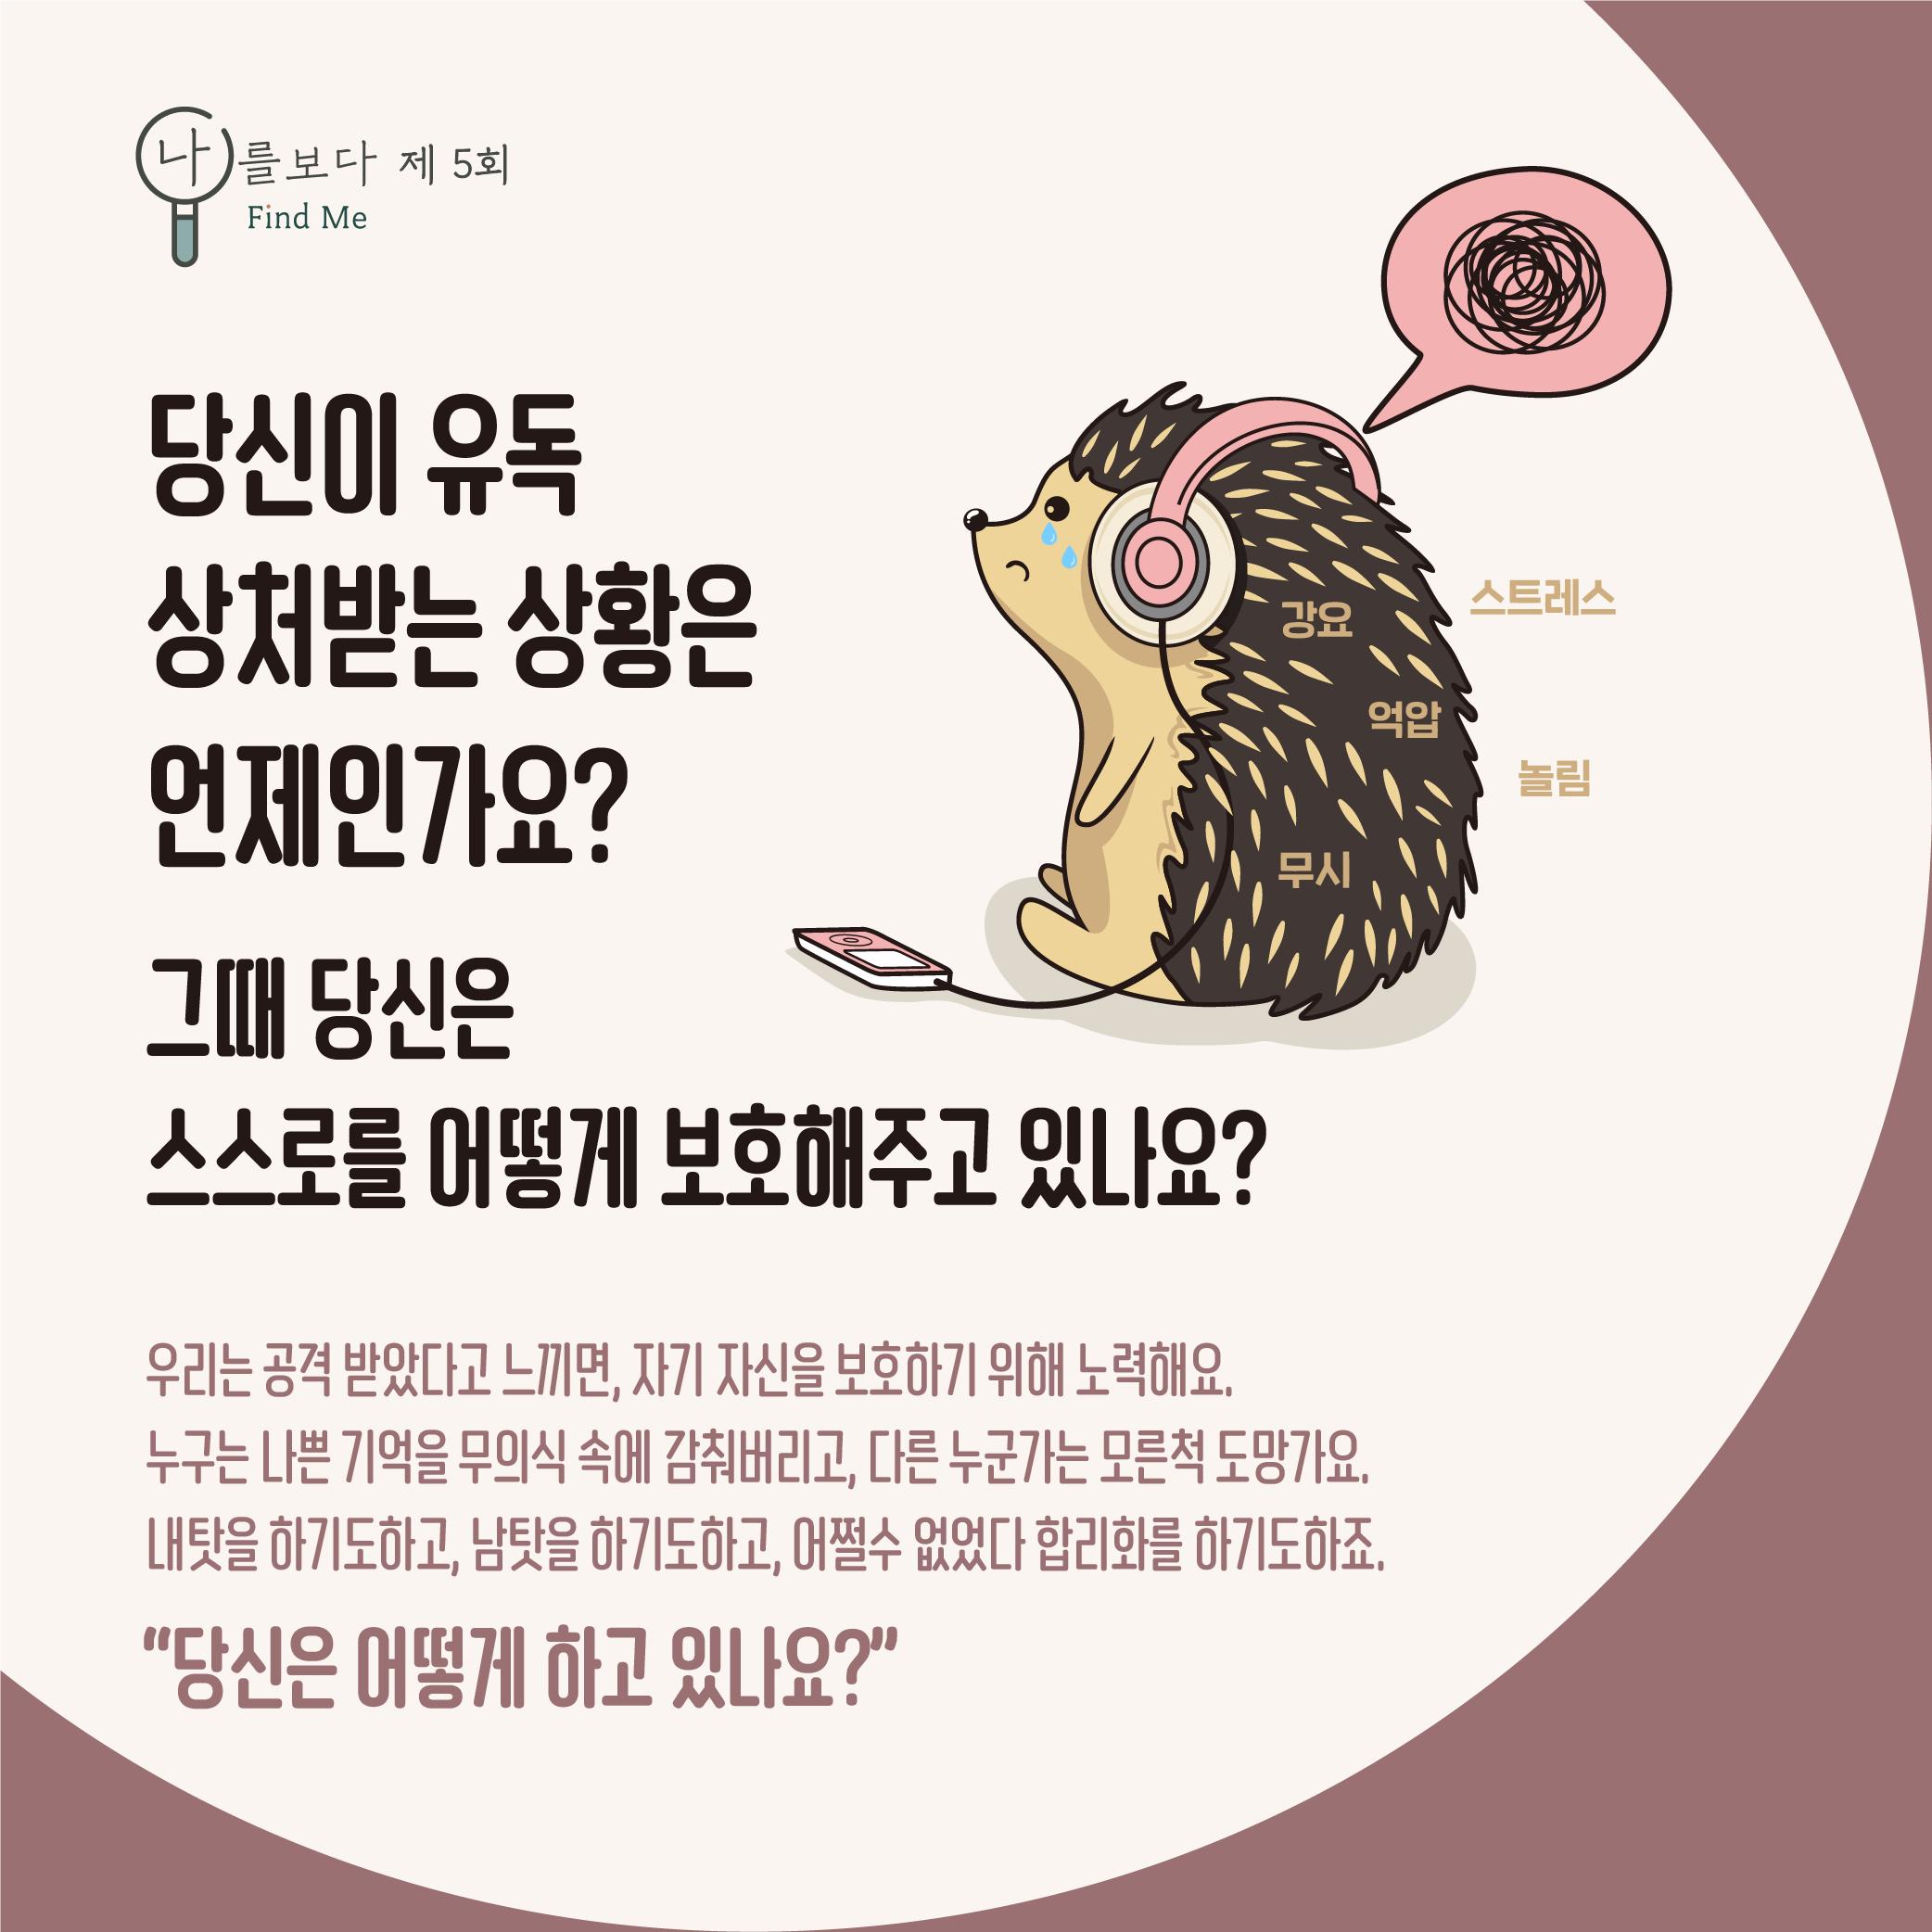 [1인가구 특화상담] 'Find Me_나를 보다' 5회 후기